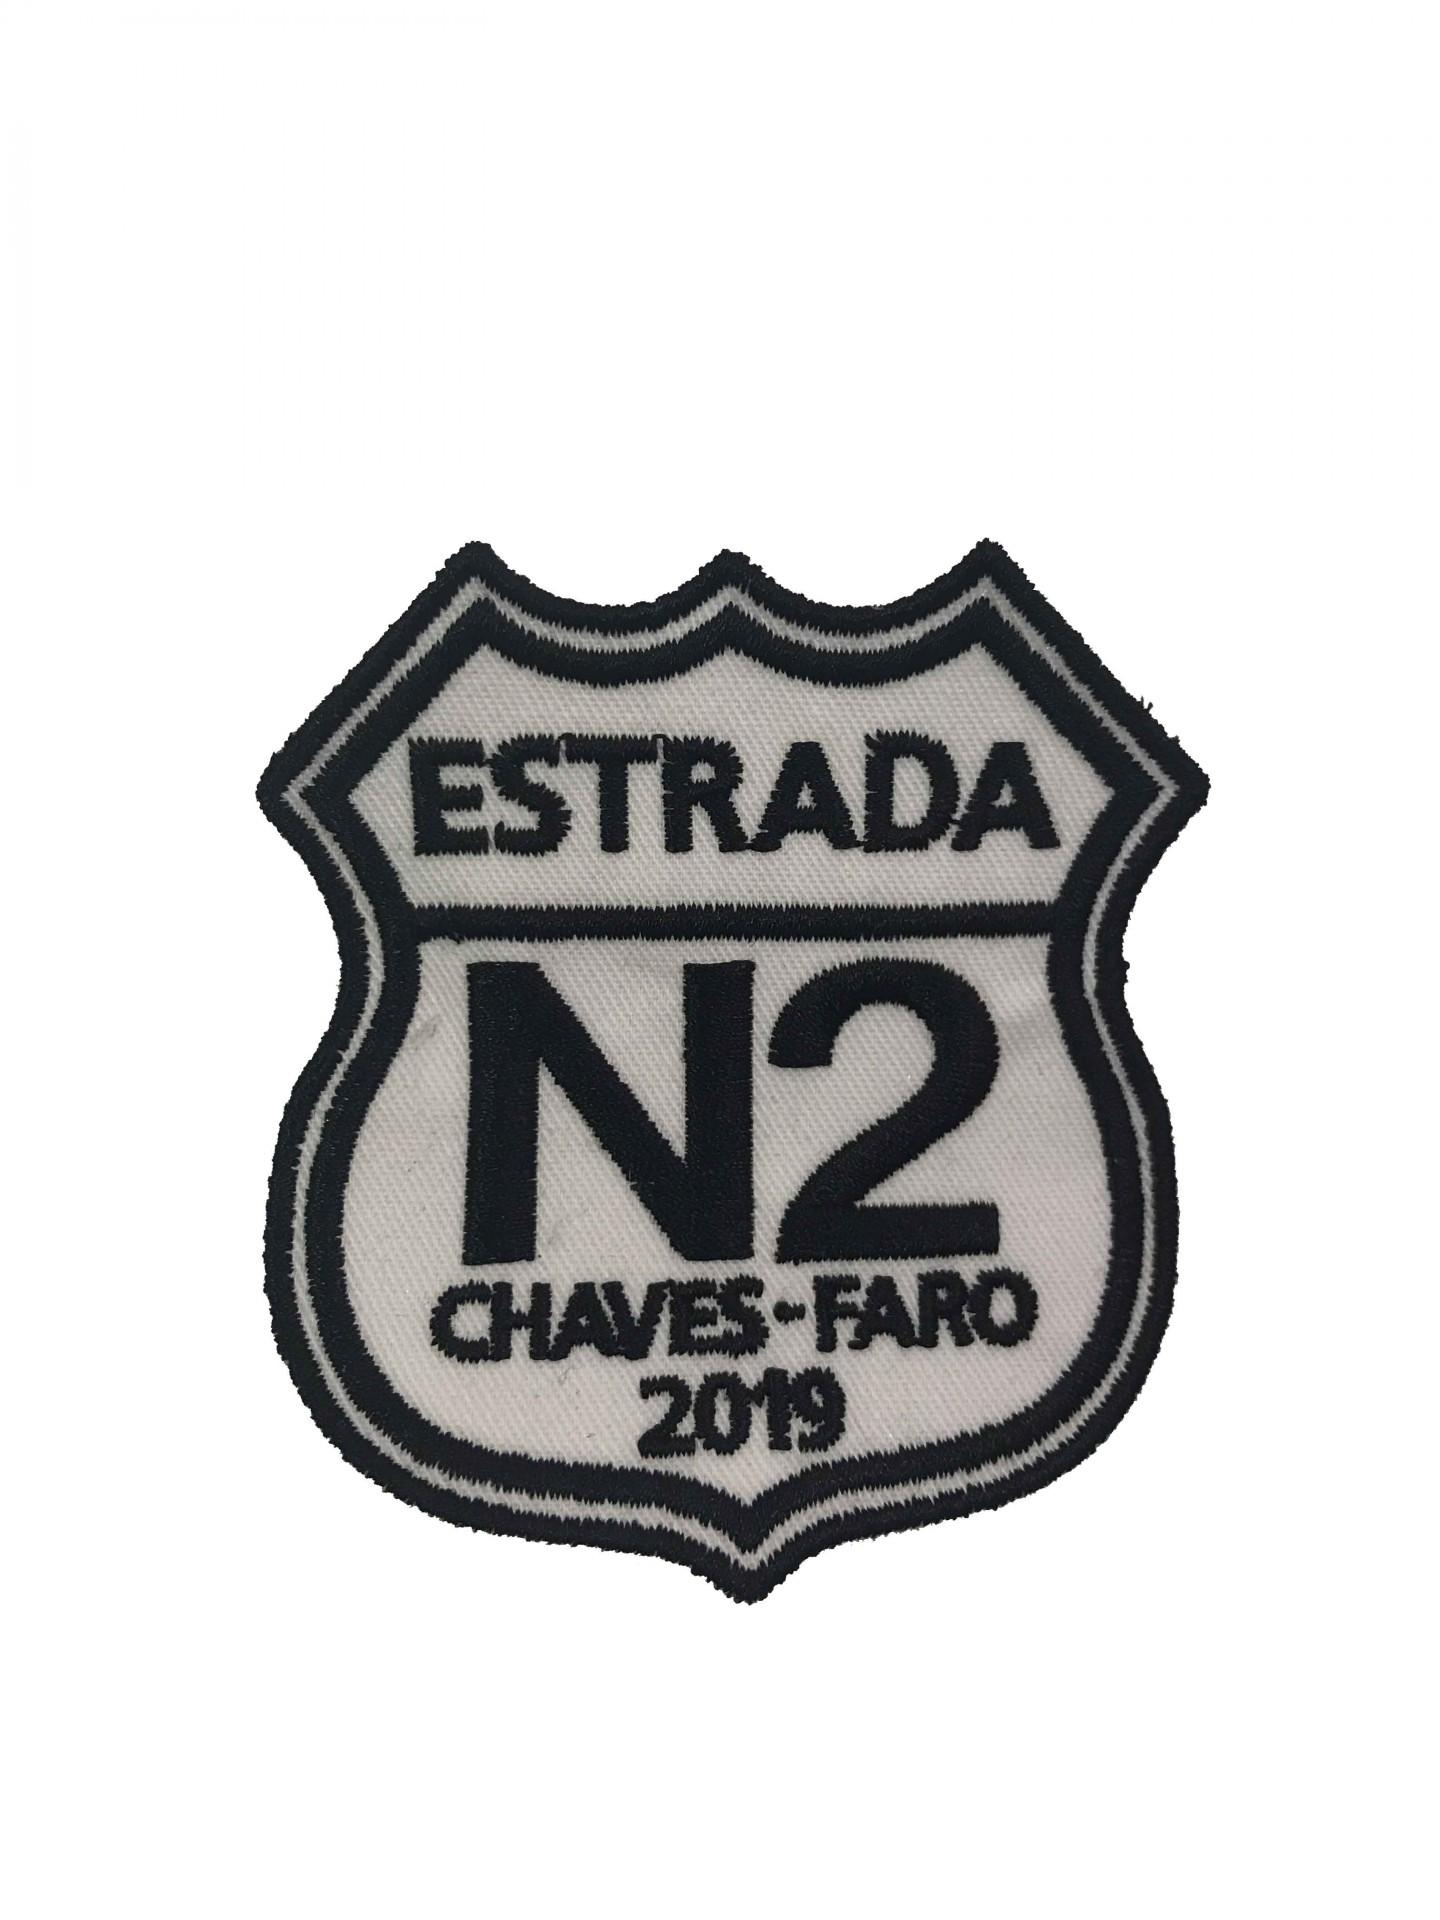 Emblema Estrada nº2